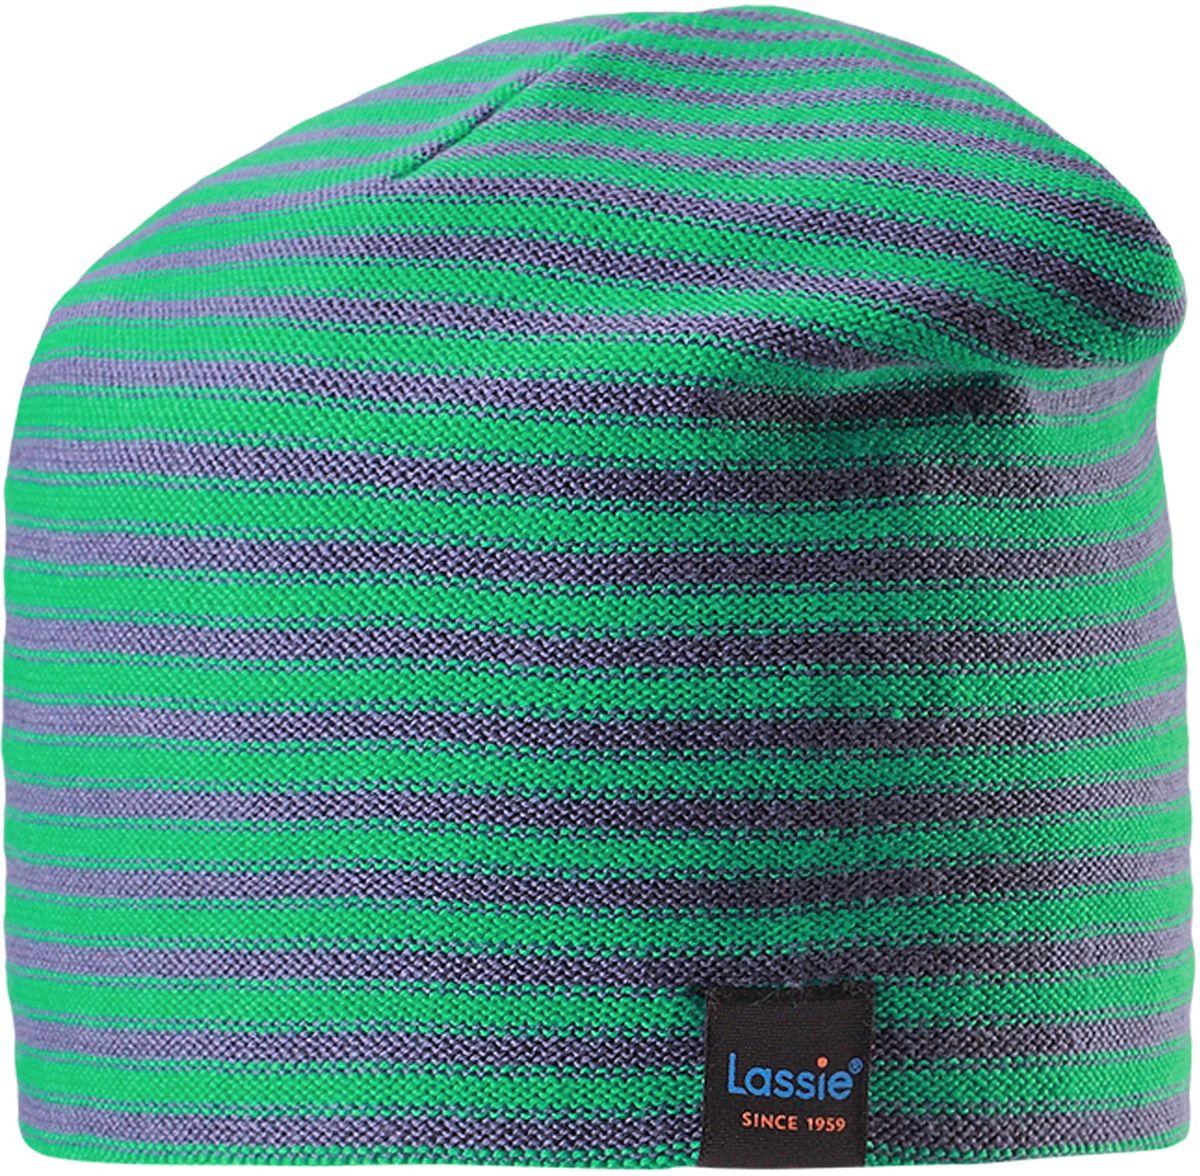 Шапка детская Lassie, цвет: зеленый, серый. 7287108810. Размер 48/507287108810Детская шапка в яркую полоску рассчитана на веселые игры в межсезонье. Она изготовлена из комфортного эластичного и ветронепроницаемого вязаного хлопка. Полная трикотажная подкладка из смеси хлопка гарантирует тепло, а ветронепроницаемые вставки для ушей обеспечивают ушкам дополнительное утепление. Декоративная эмблема и сочные расцветки отлично сочетаются с куртками и брюками Lassie!